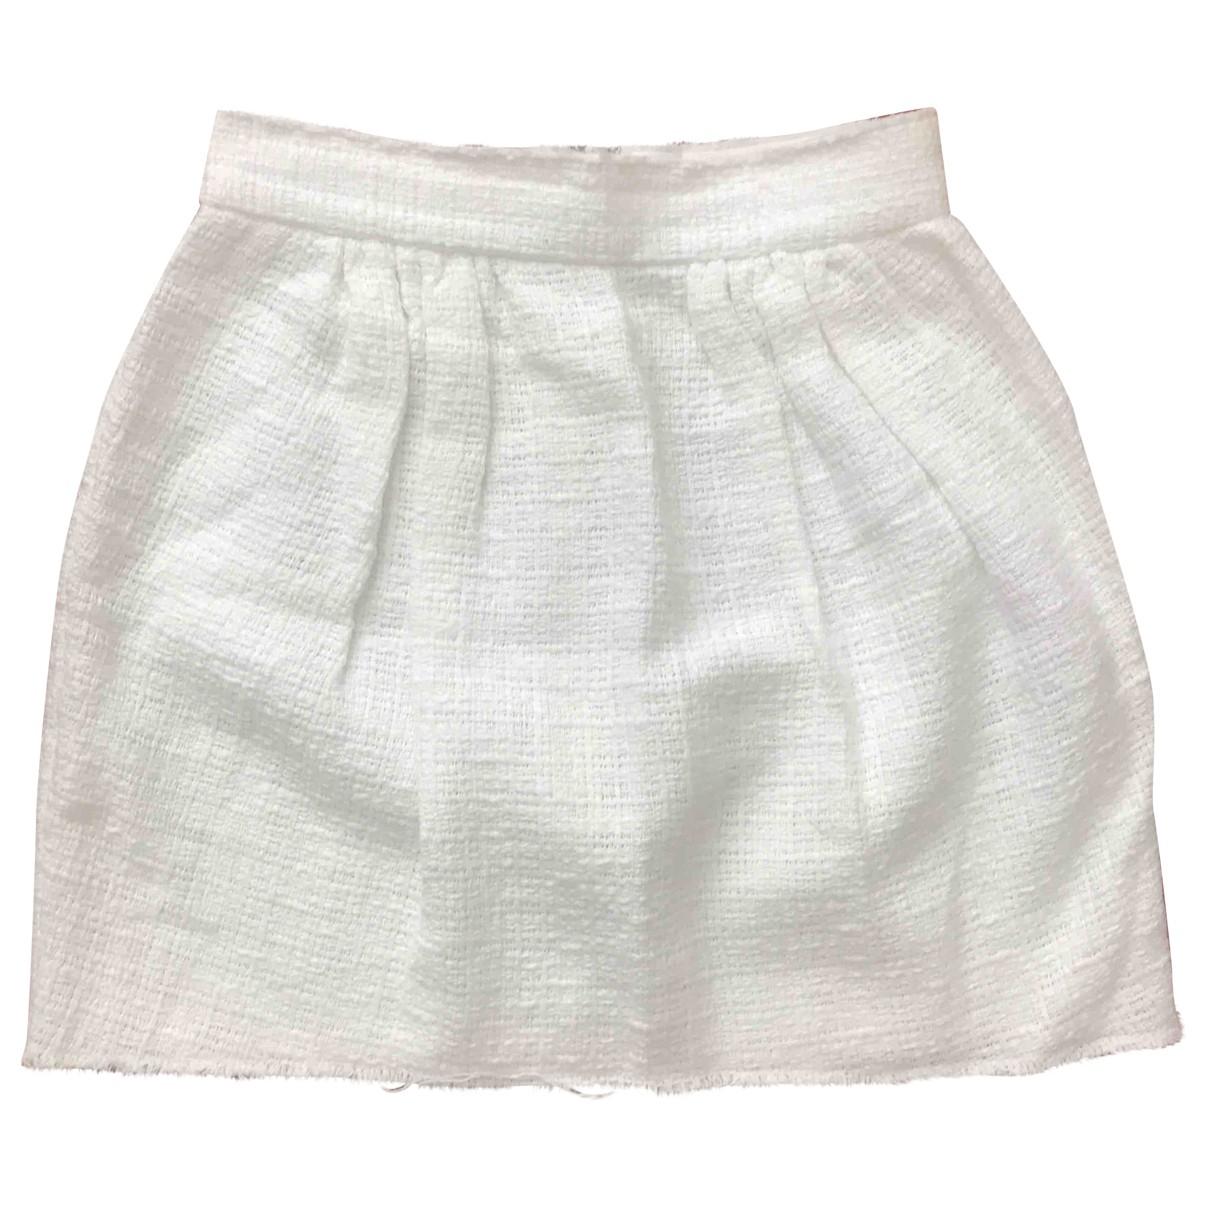 Dolce & Gabbana \N White Cotton skirt for Women 36 IT